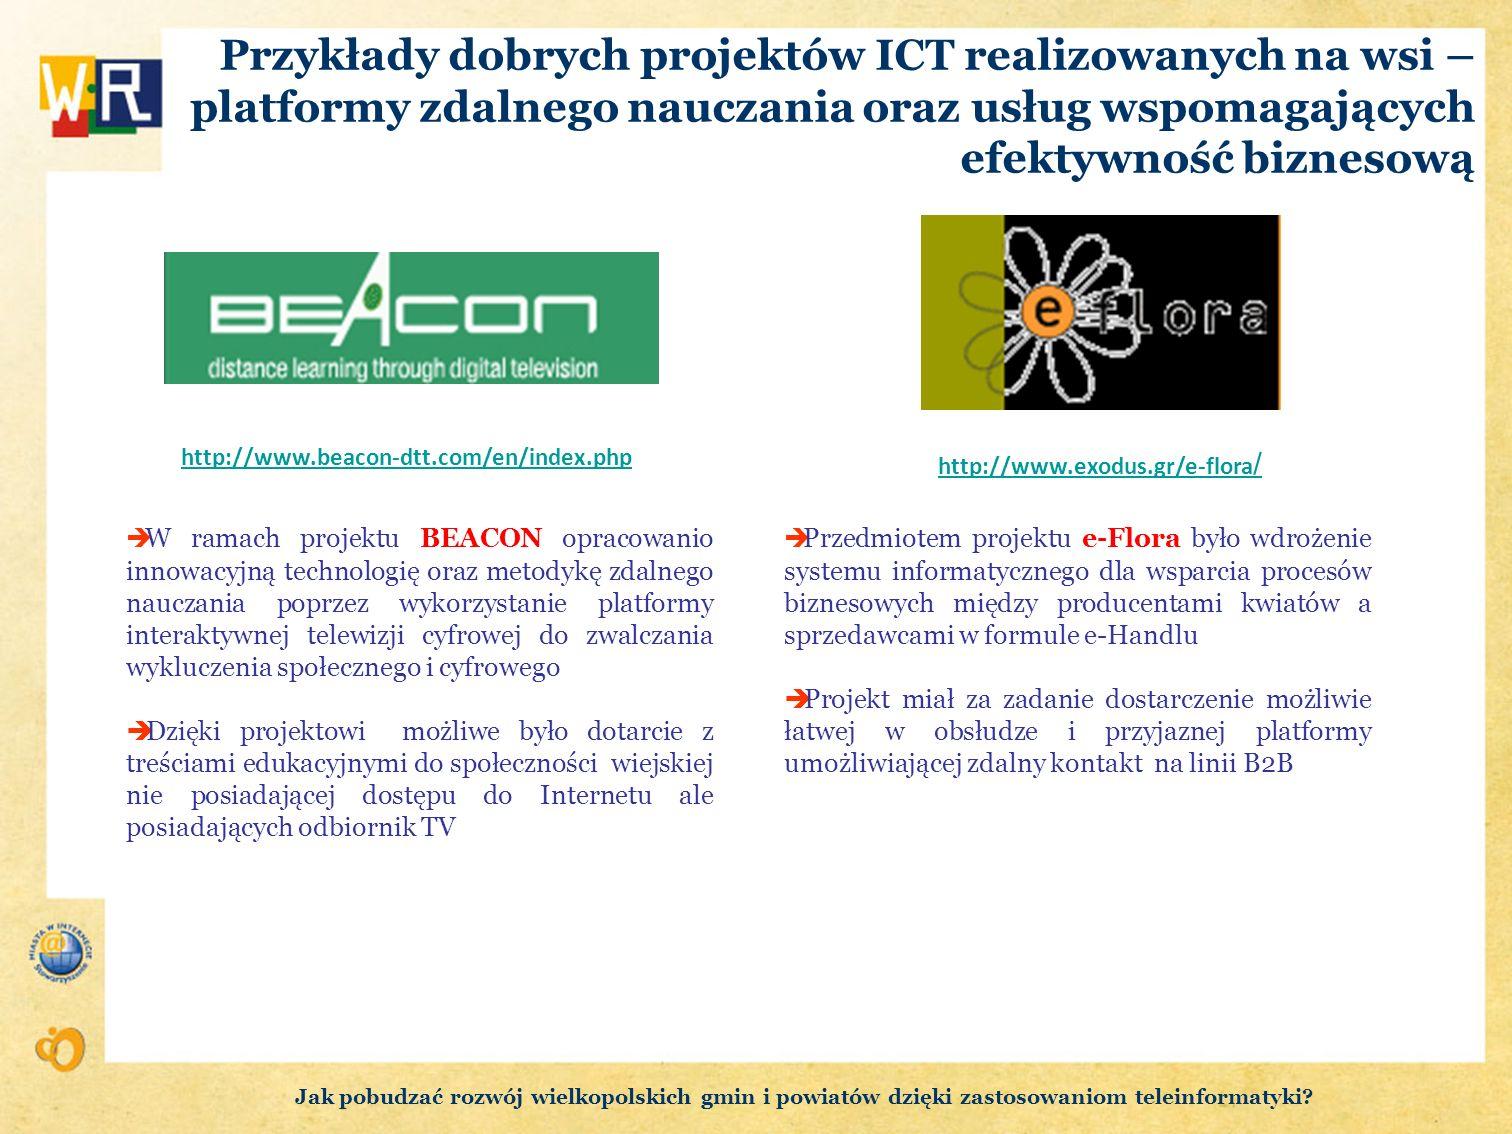 Przykłady dobrych projektów ICT realizowanych na wsi – platformy zdalnego nauczania oraz usług wspomagających efektywność biznesową